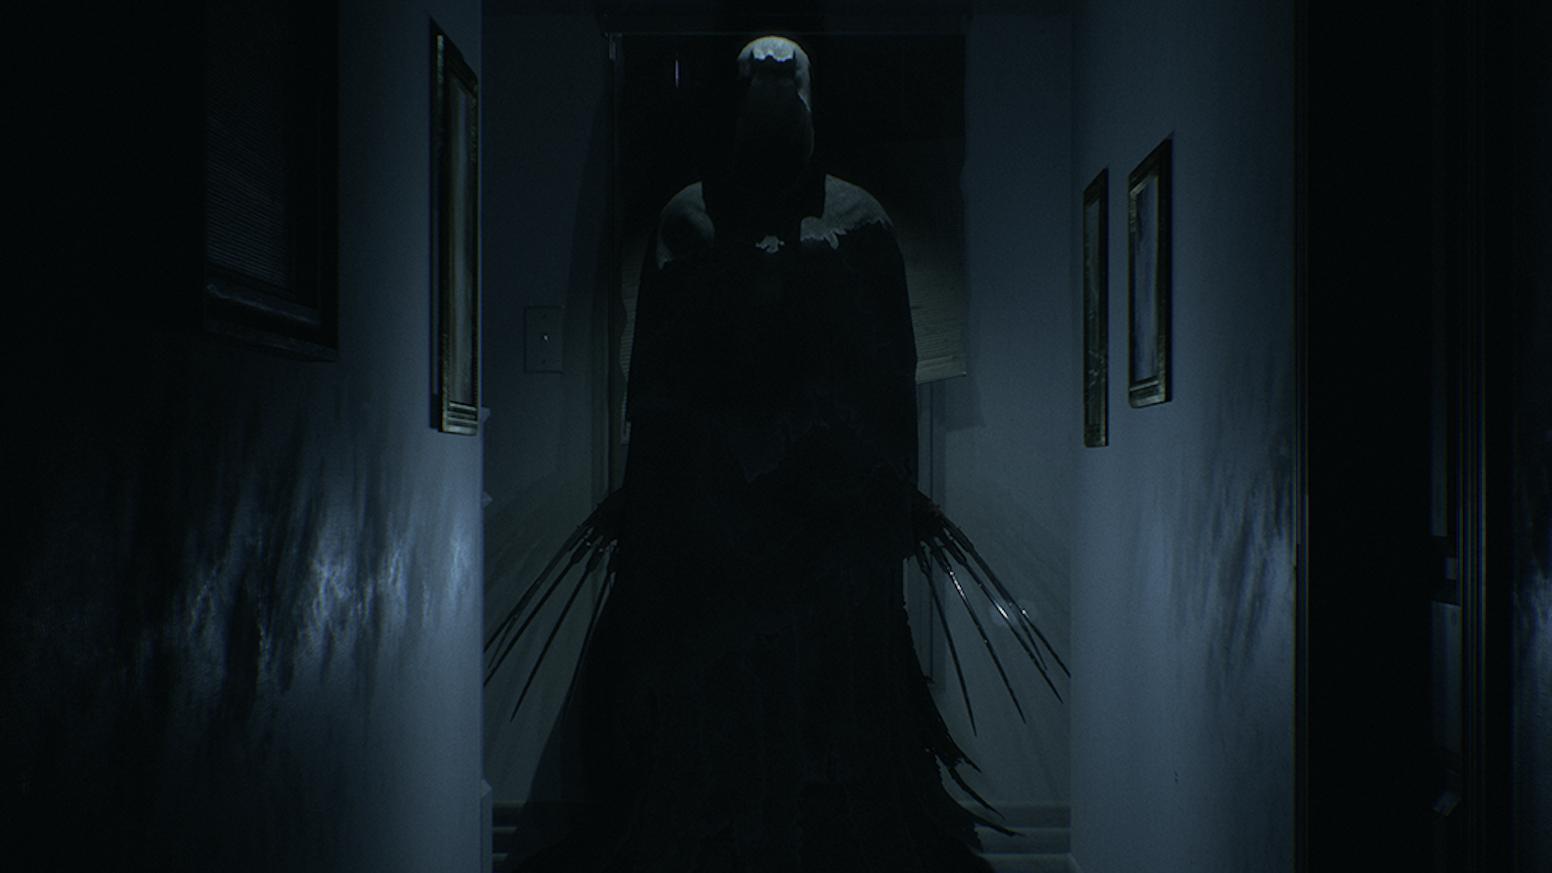 Visage Psychological Horror Game By Sadsquare Studio Kickstarter